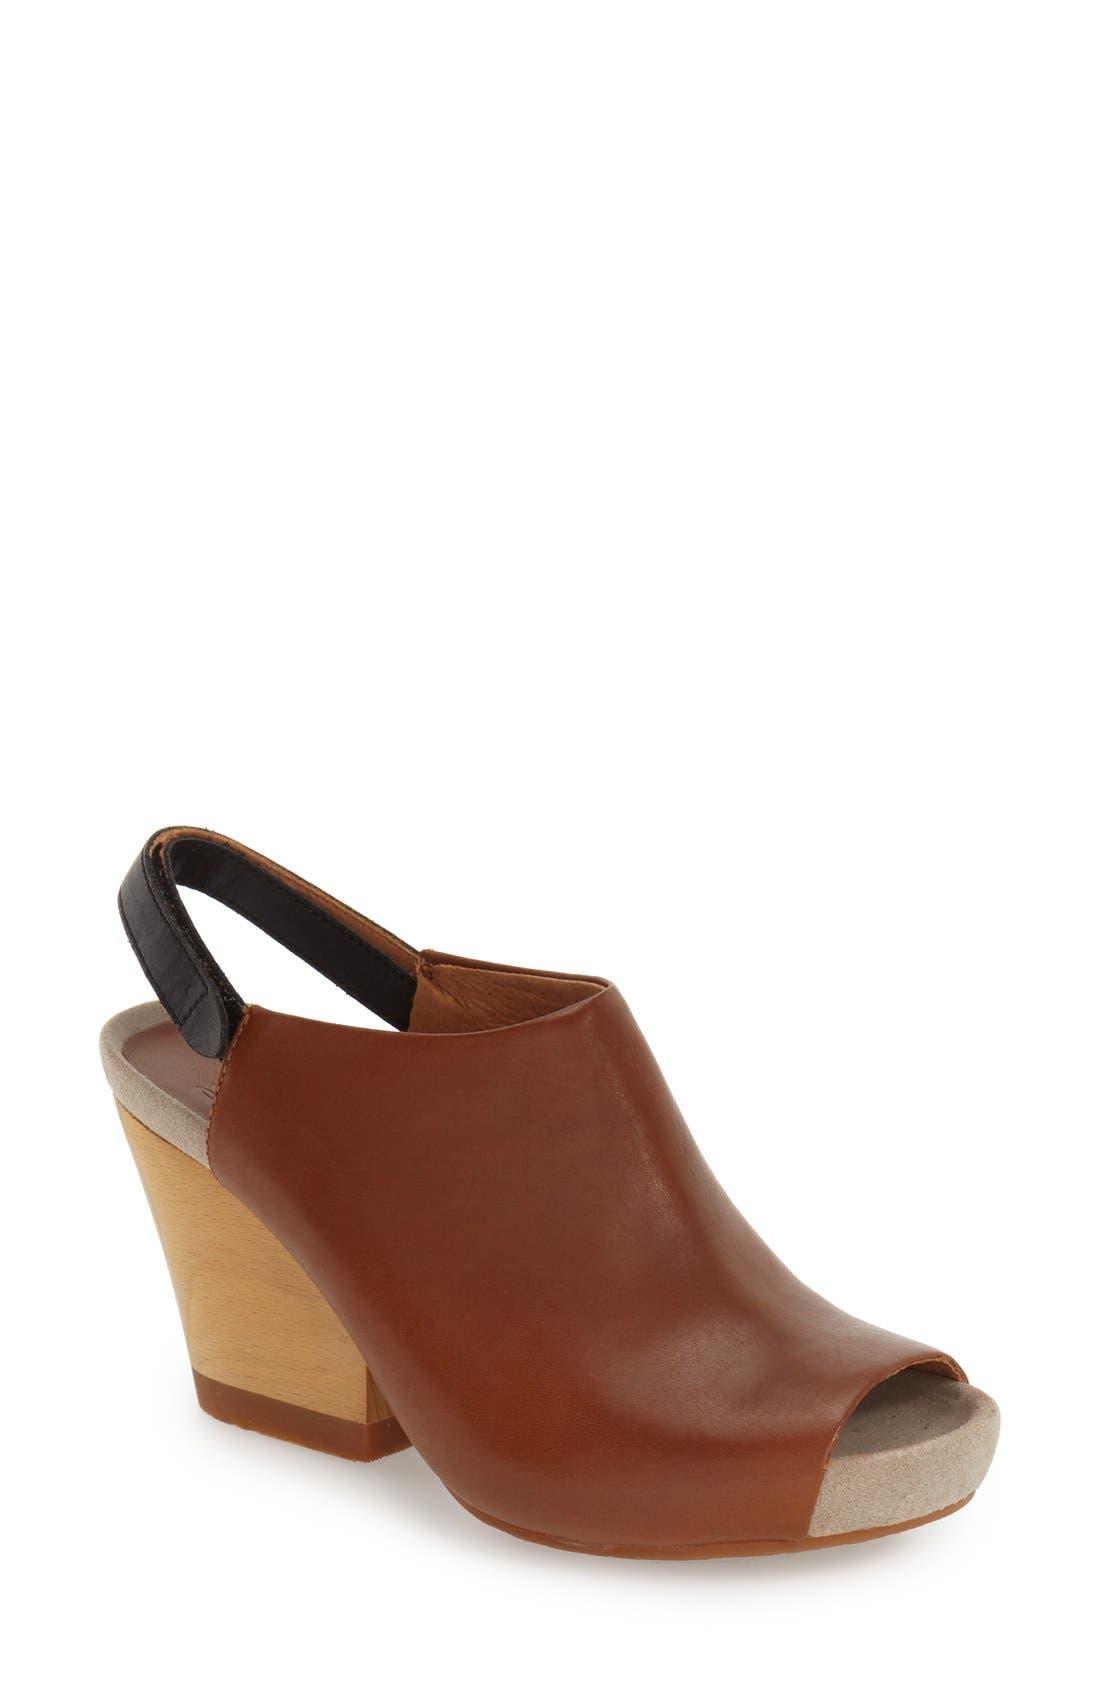 Main Image - Camper 'Allegra' Sandal